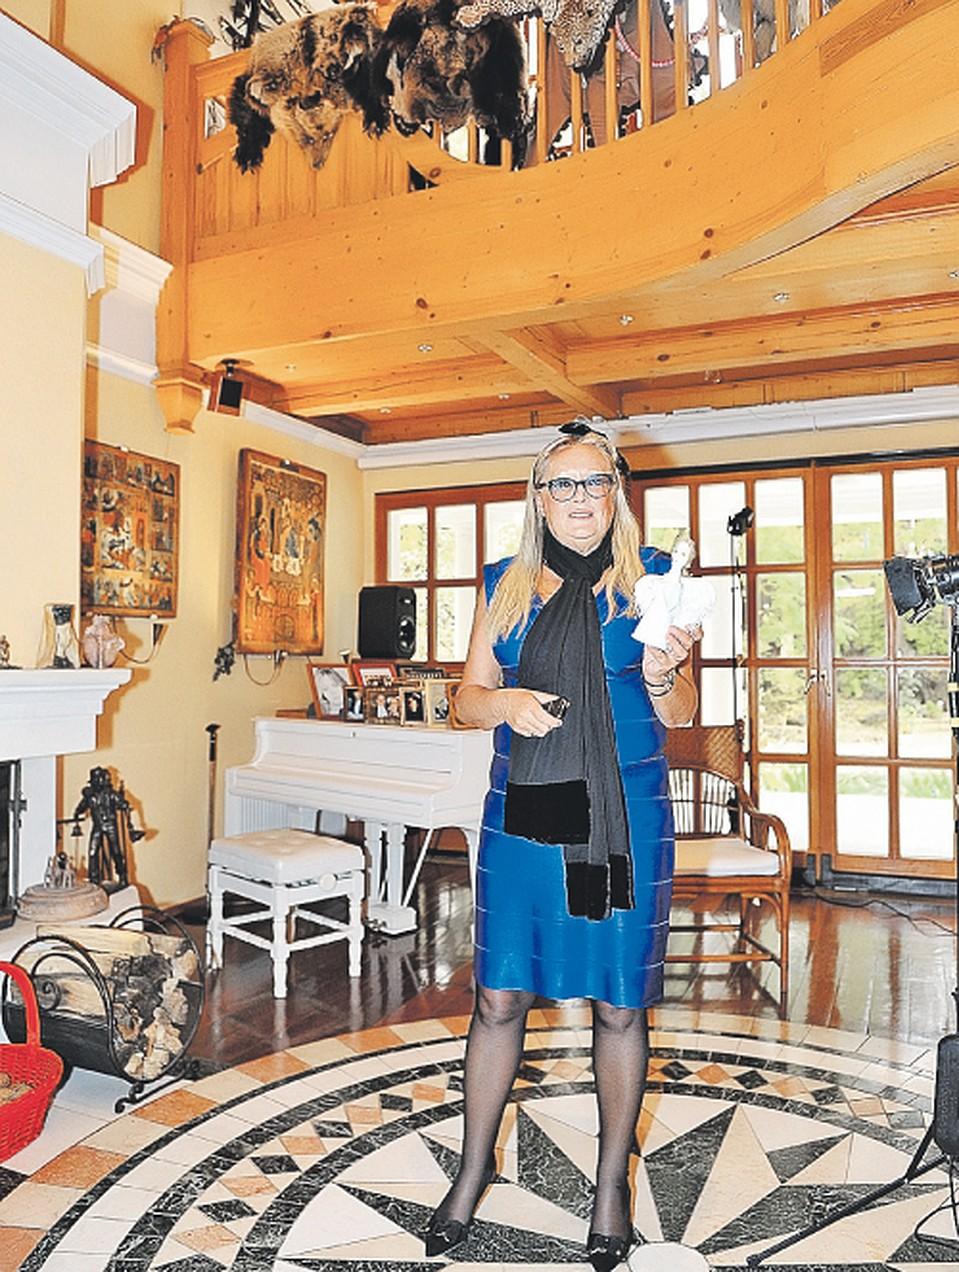 сценический никита михалков его дом внутри фото латвийский театральный режиссёр